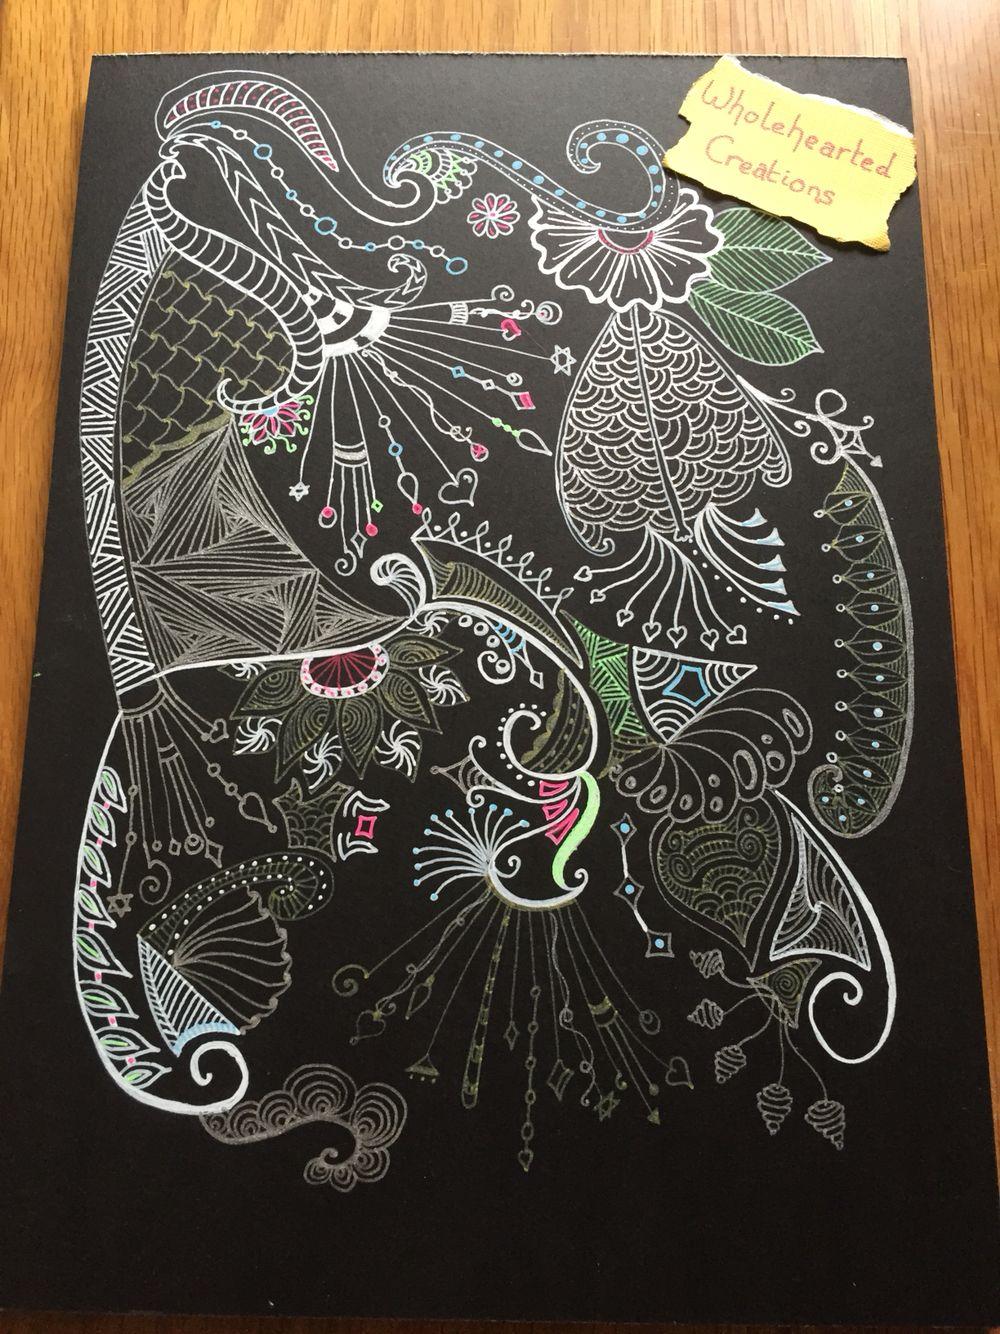 Zen doodle colour - Zentangle Zia Zenspiration Colour Doodle Black Paper Wholehearted By Melissa